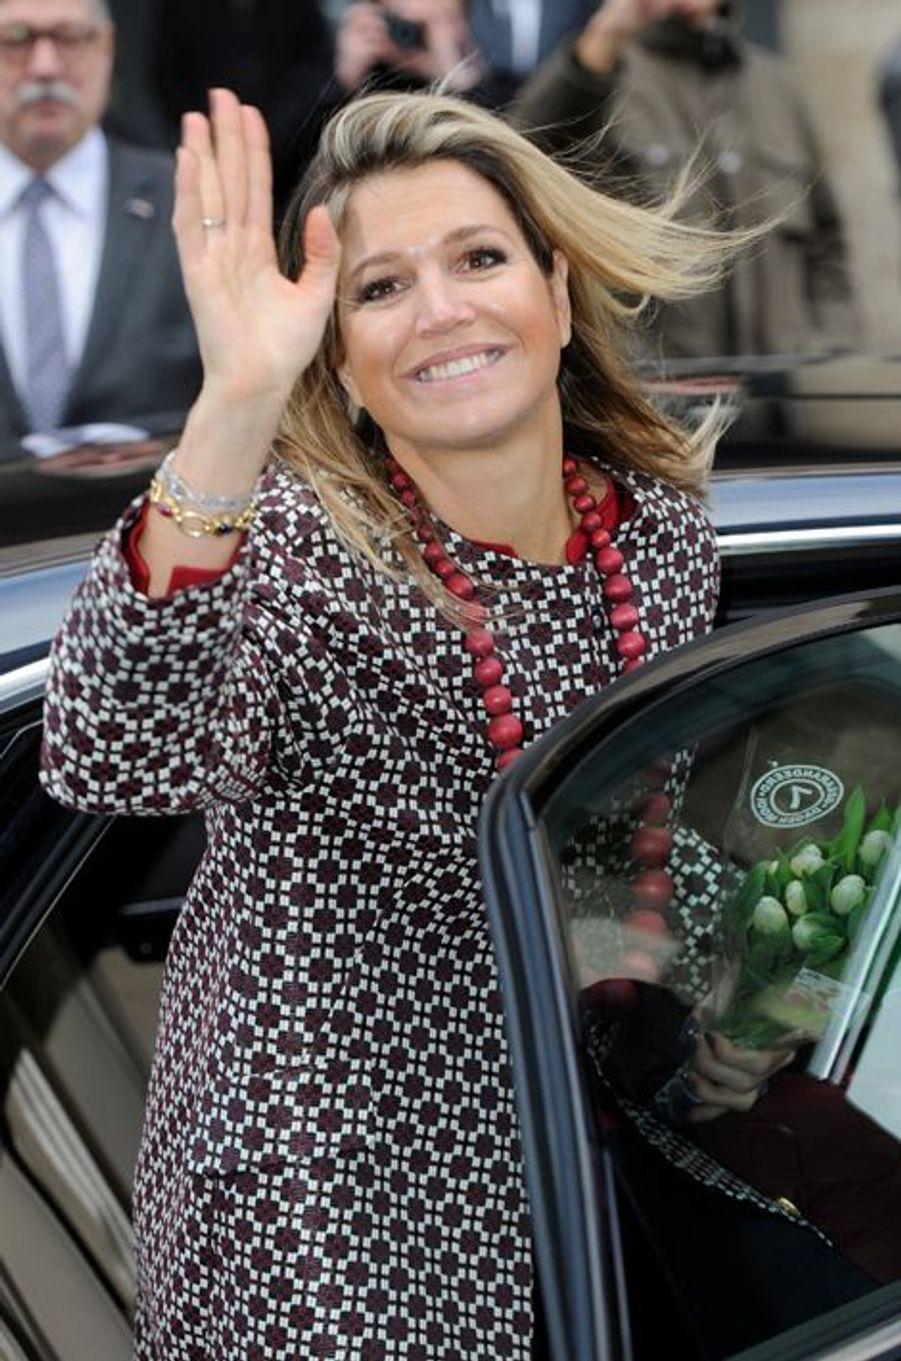 La reine Maxima des Pays-Bas s'est vue offrir un bouquet en promo à Utrecht, le 4 février 2015